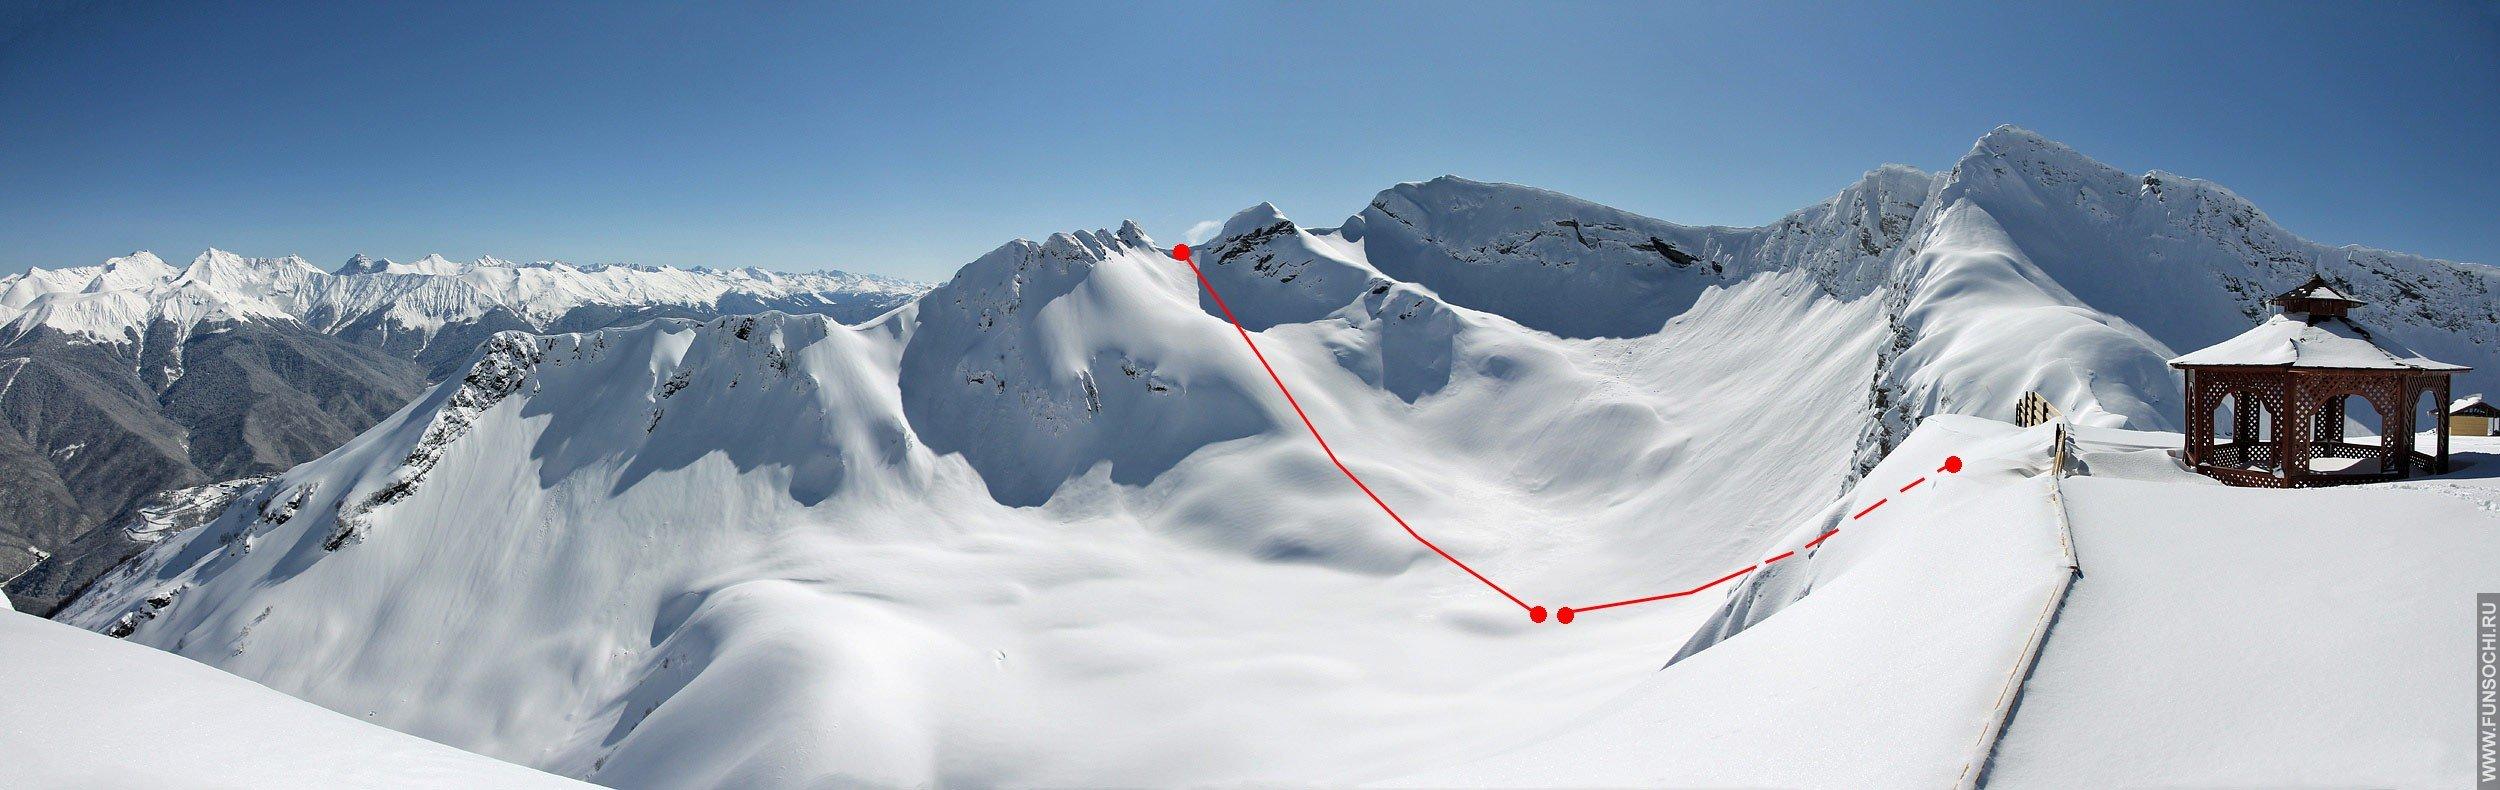 температура на красной поляне в горах график движения, вокзалы